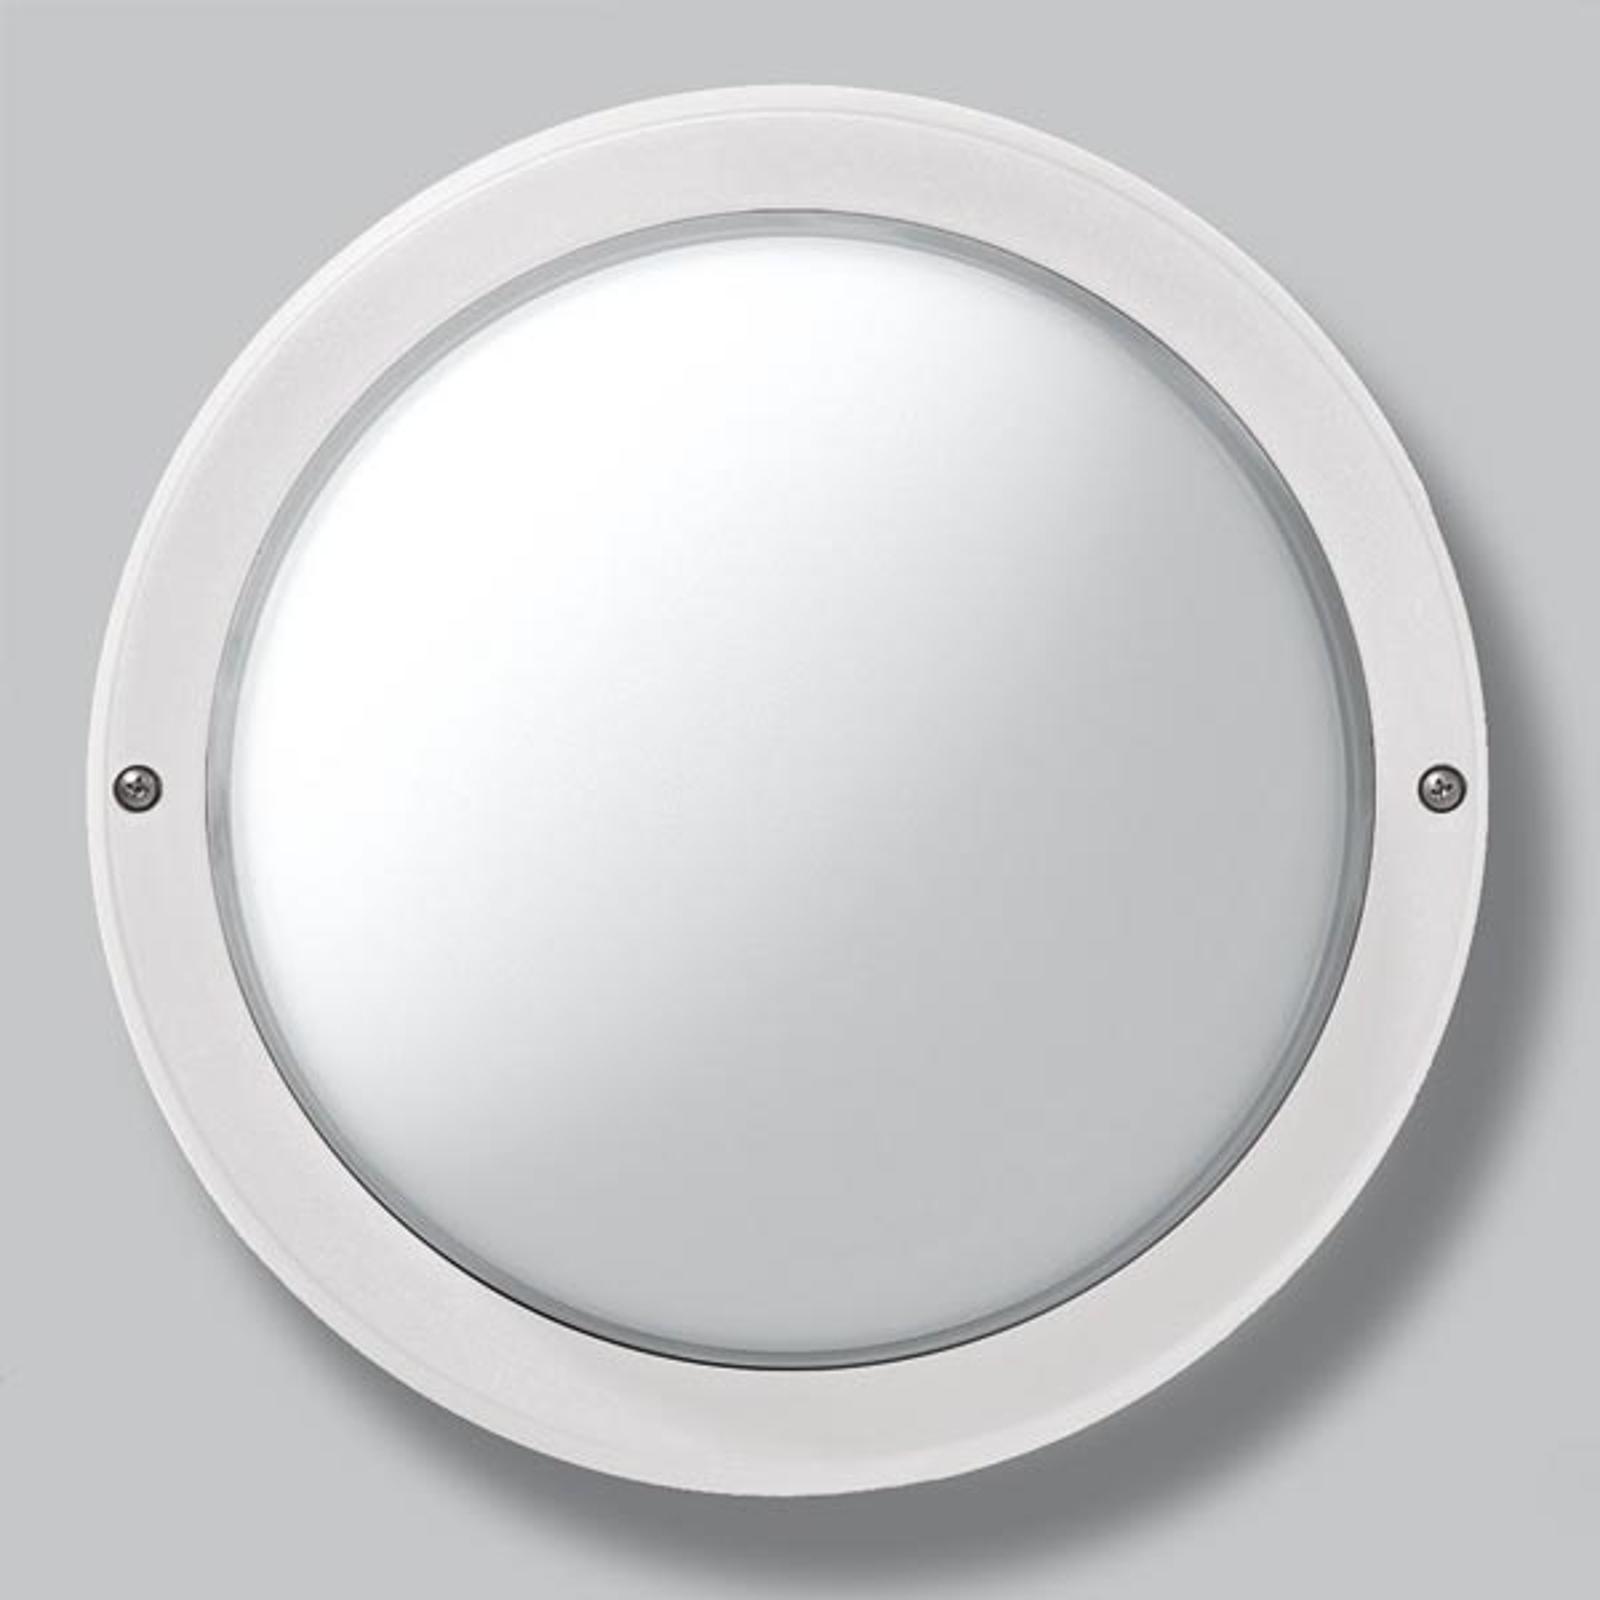 EKO 21 utendørs vegg- eller taklampe i hvit